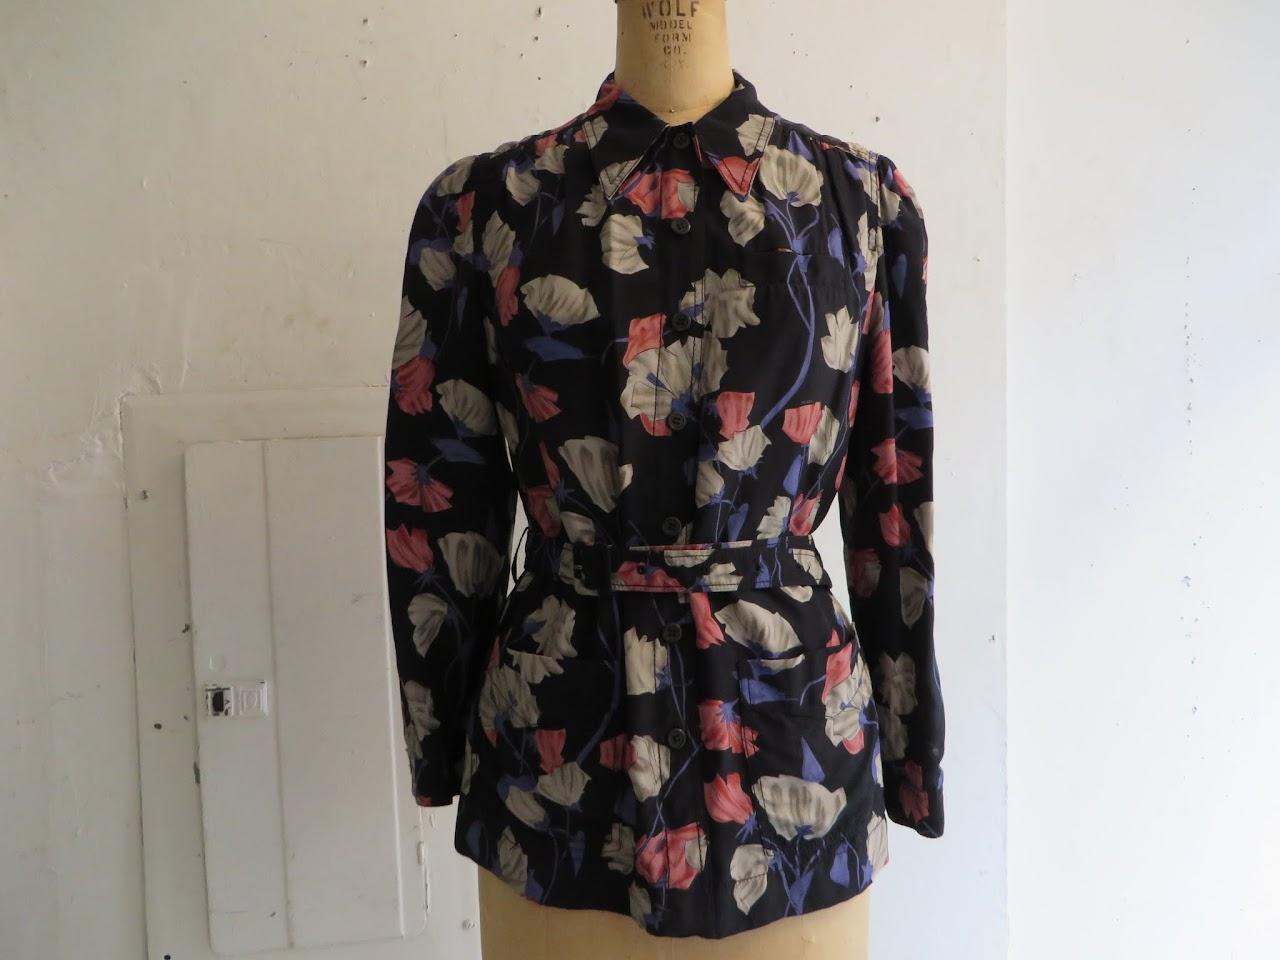 Prada Floral Jacket